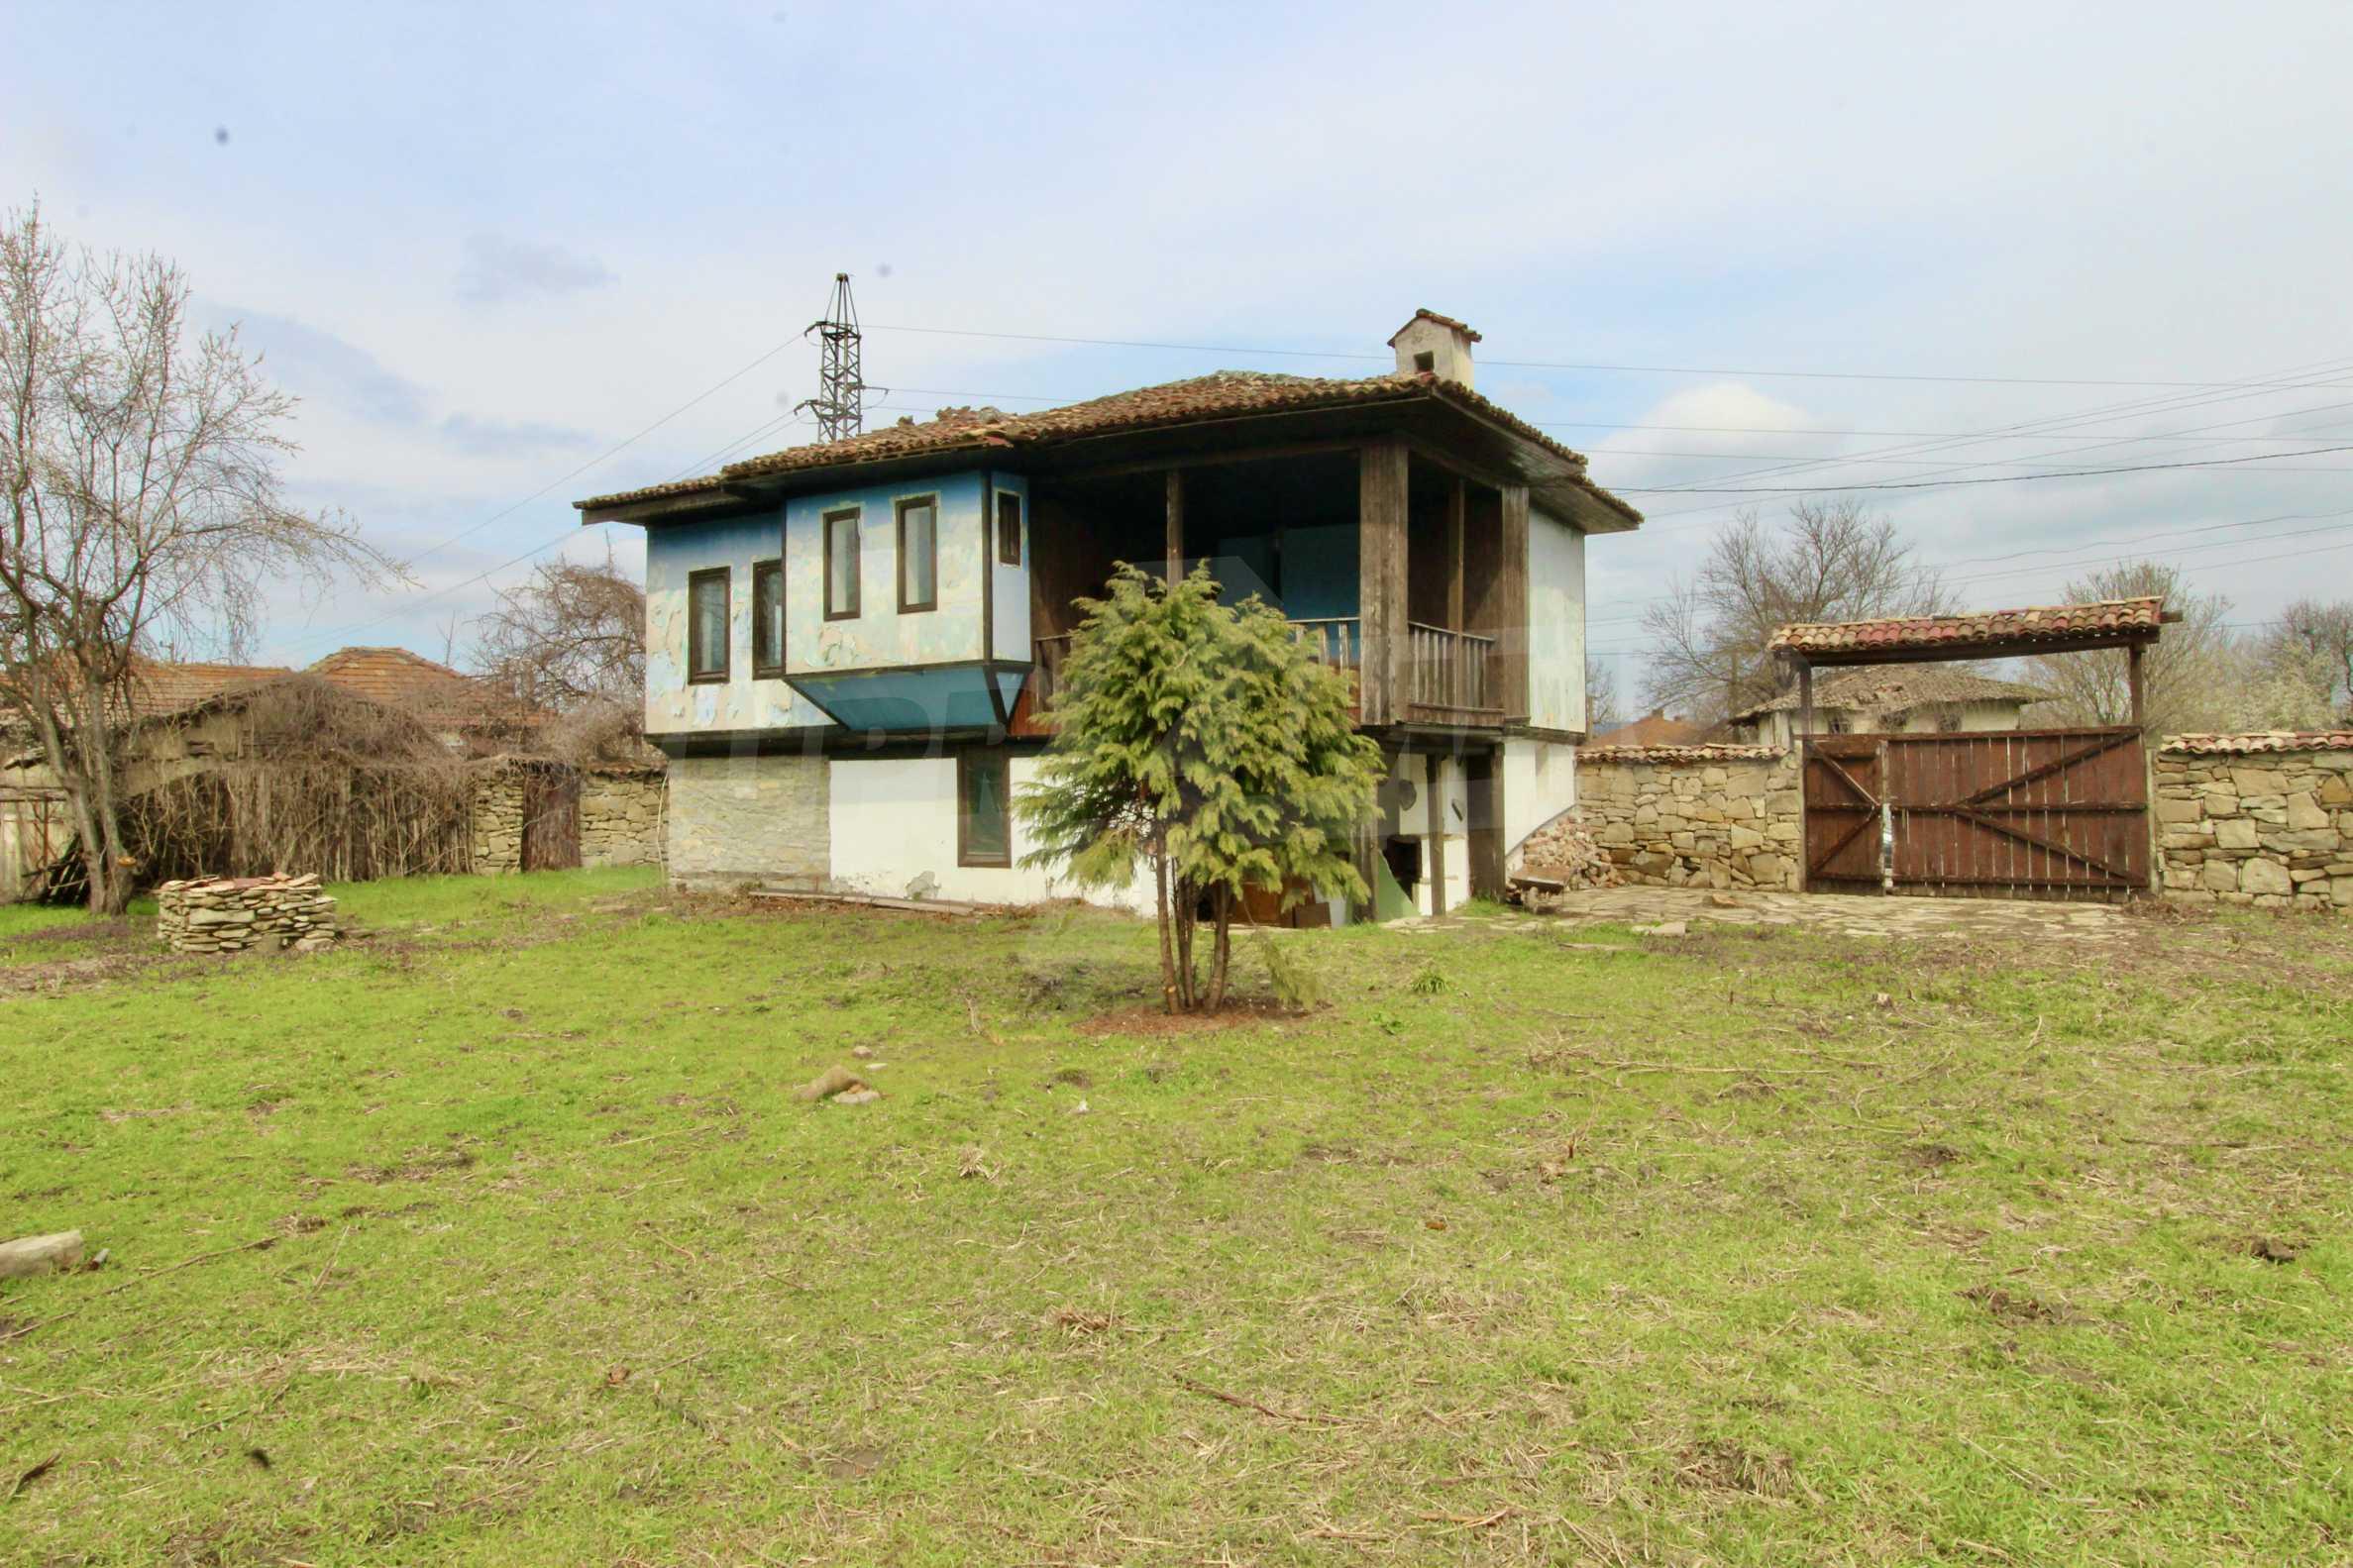 Двуетажна къща с голпм двор в село на 30 км от Велико Търново  45